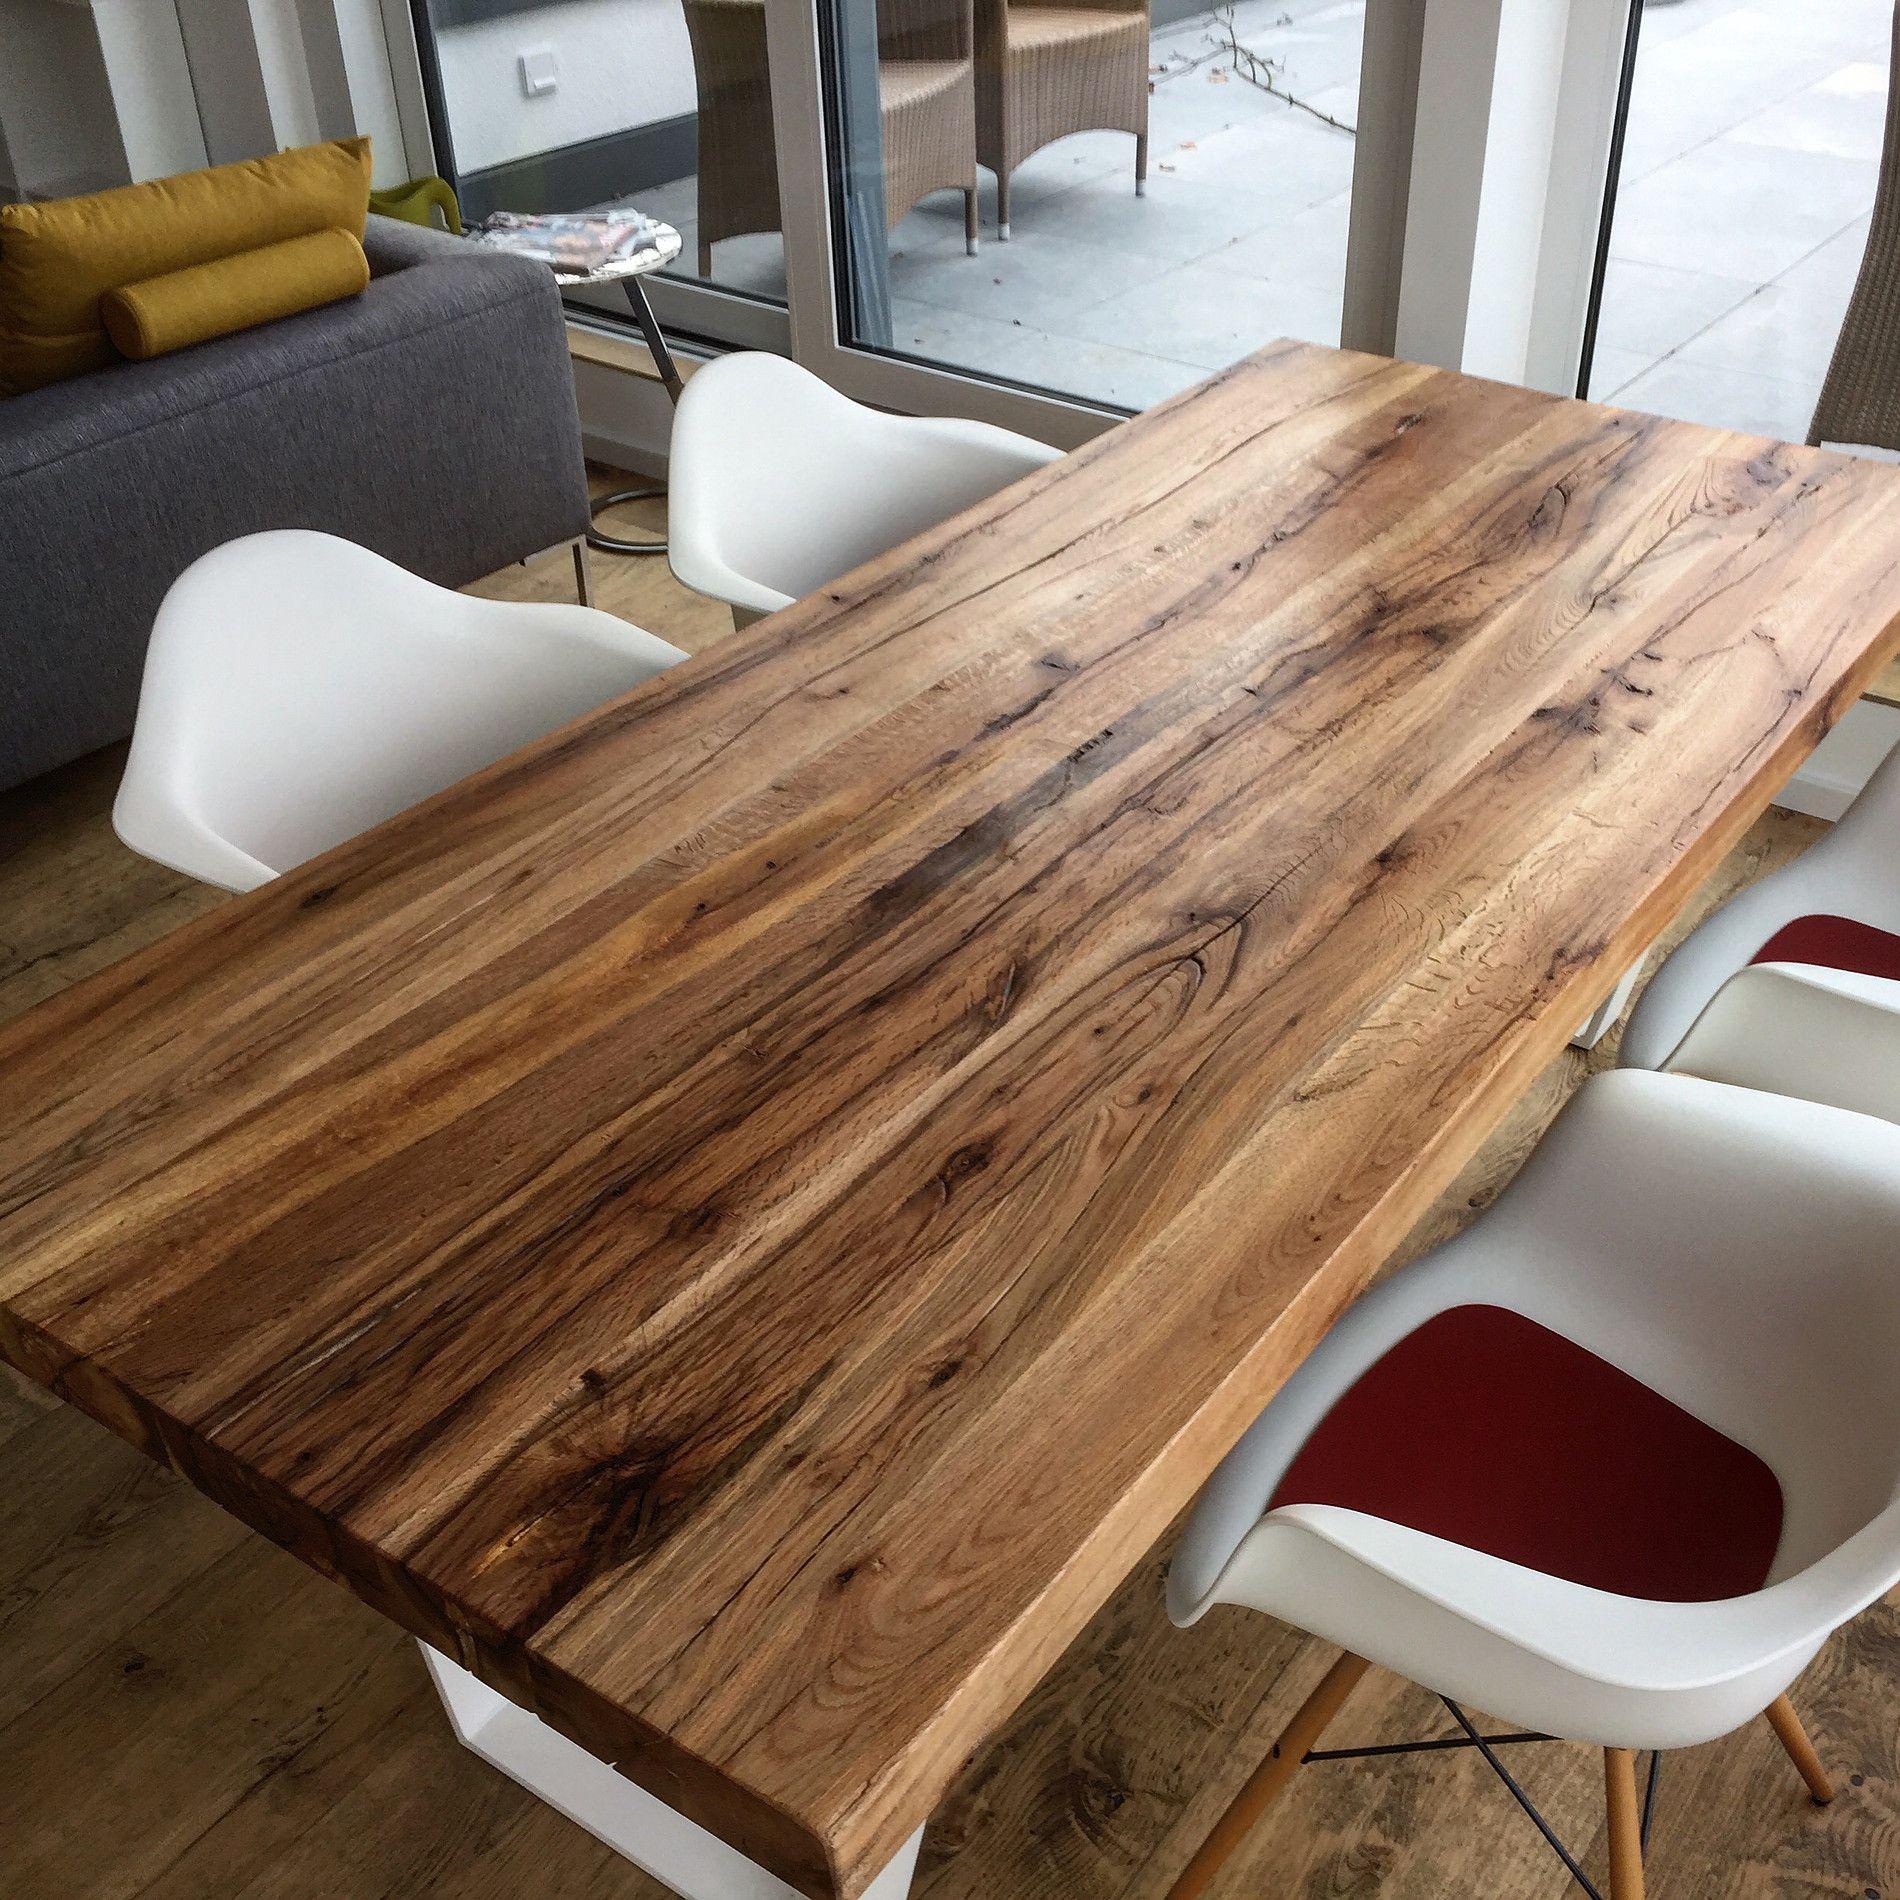 Esstisch Massivholztisch Tischplatte Eichenholz Altholz Holzwerk Hamburg Massivholztisch Tisch Esstisch Holz Massiv